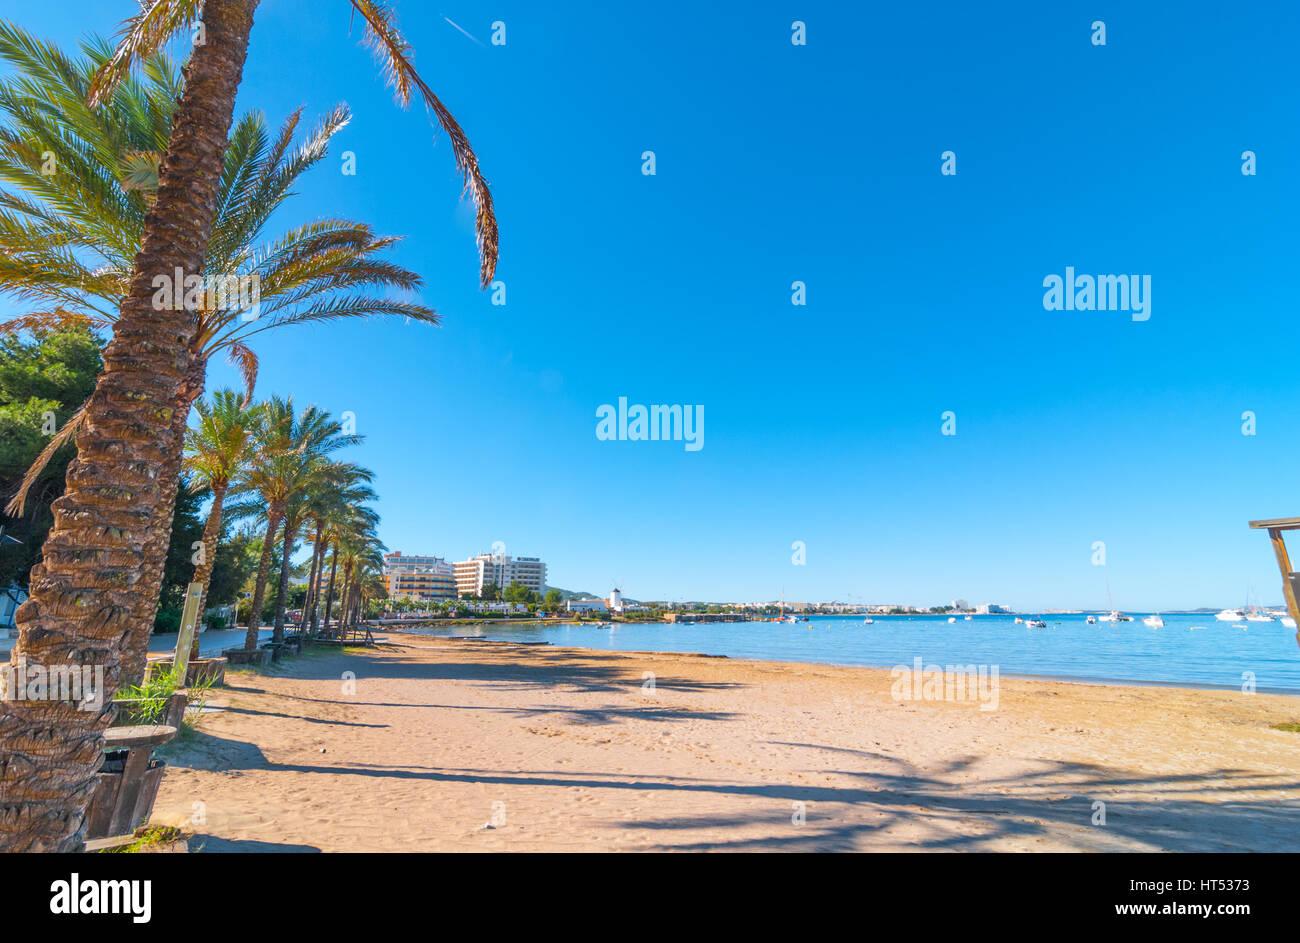 Rangées de palmiers bordent la plage, journée ensoleillée au bord de l'eau à Ibiza, St Antoni Photo Stock